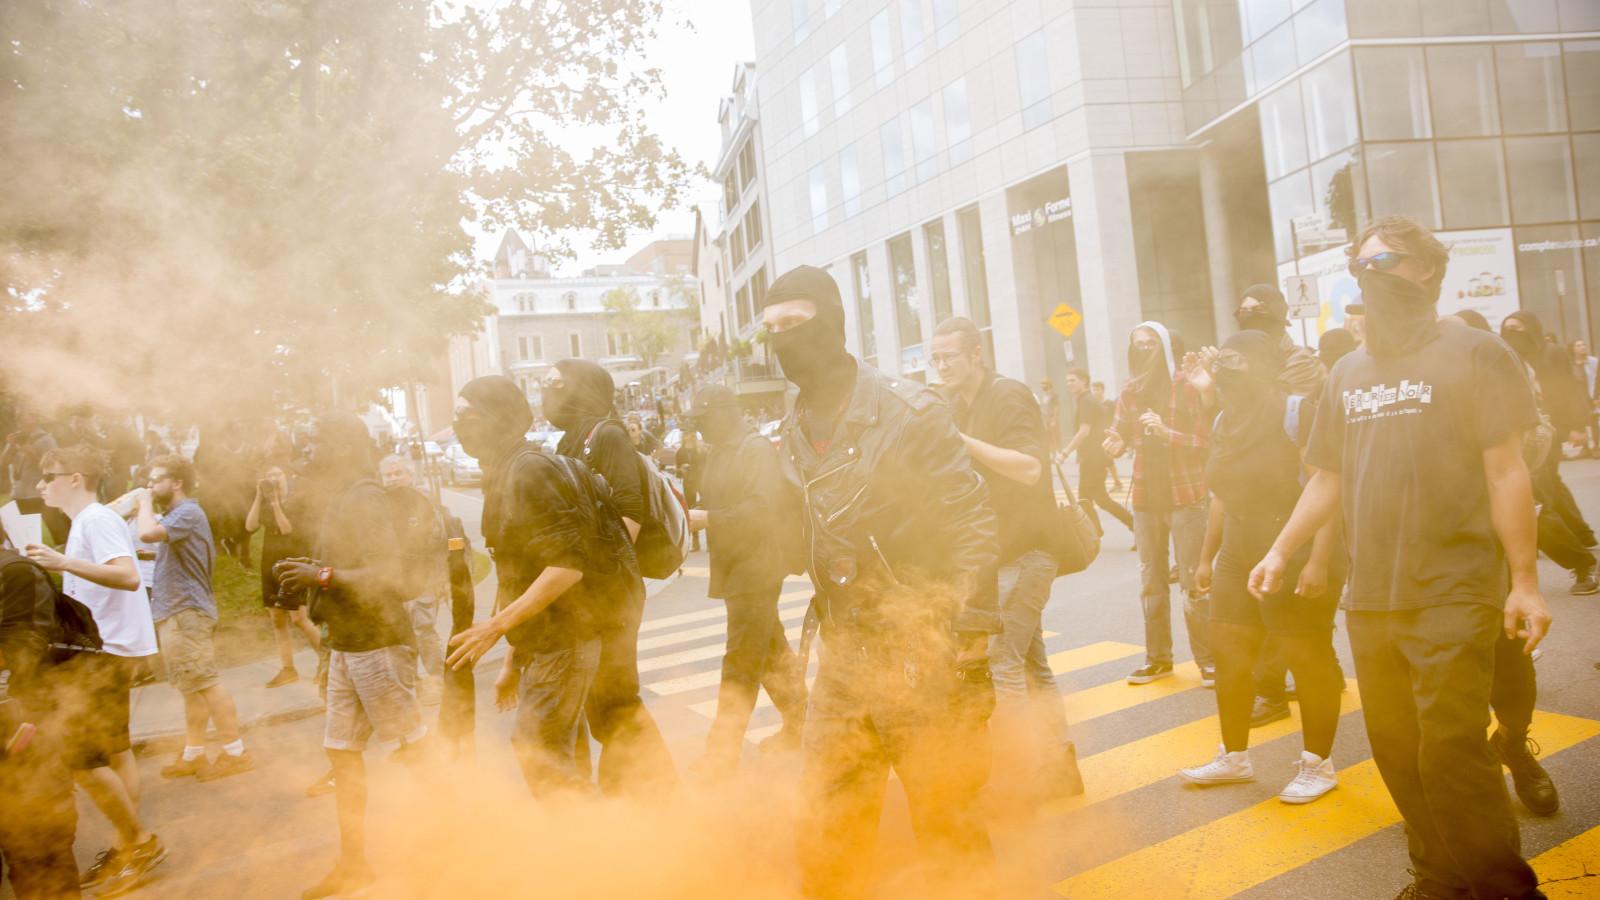 Les contre-manifestants antifas